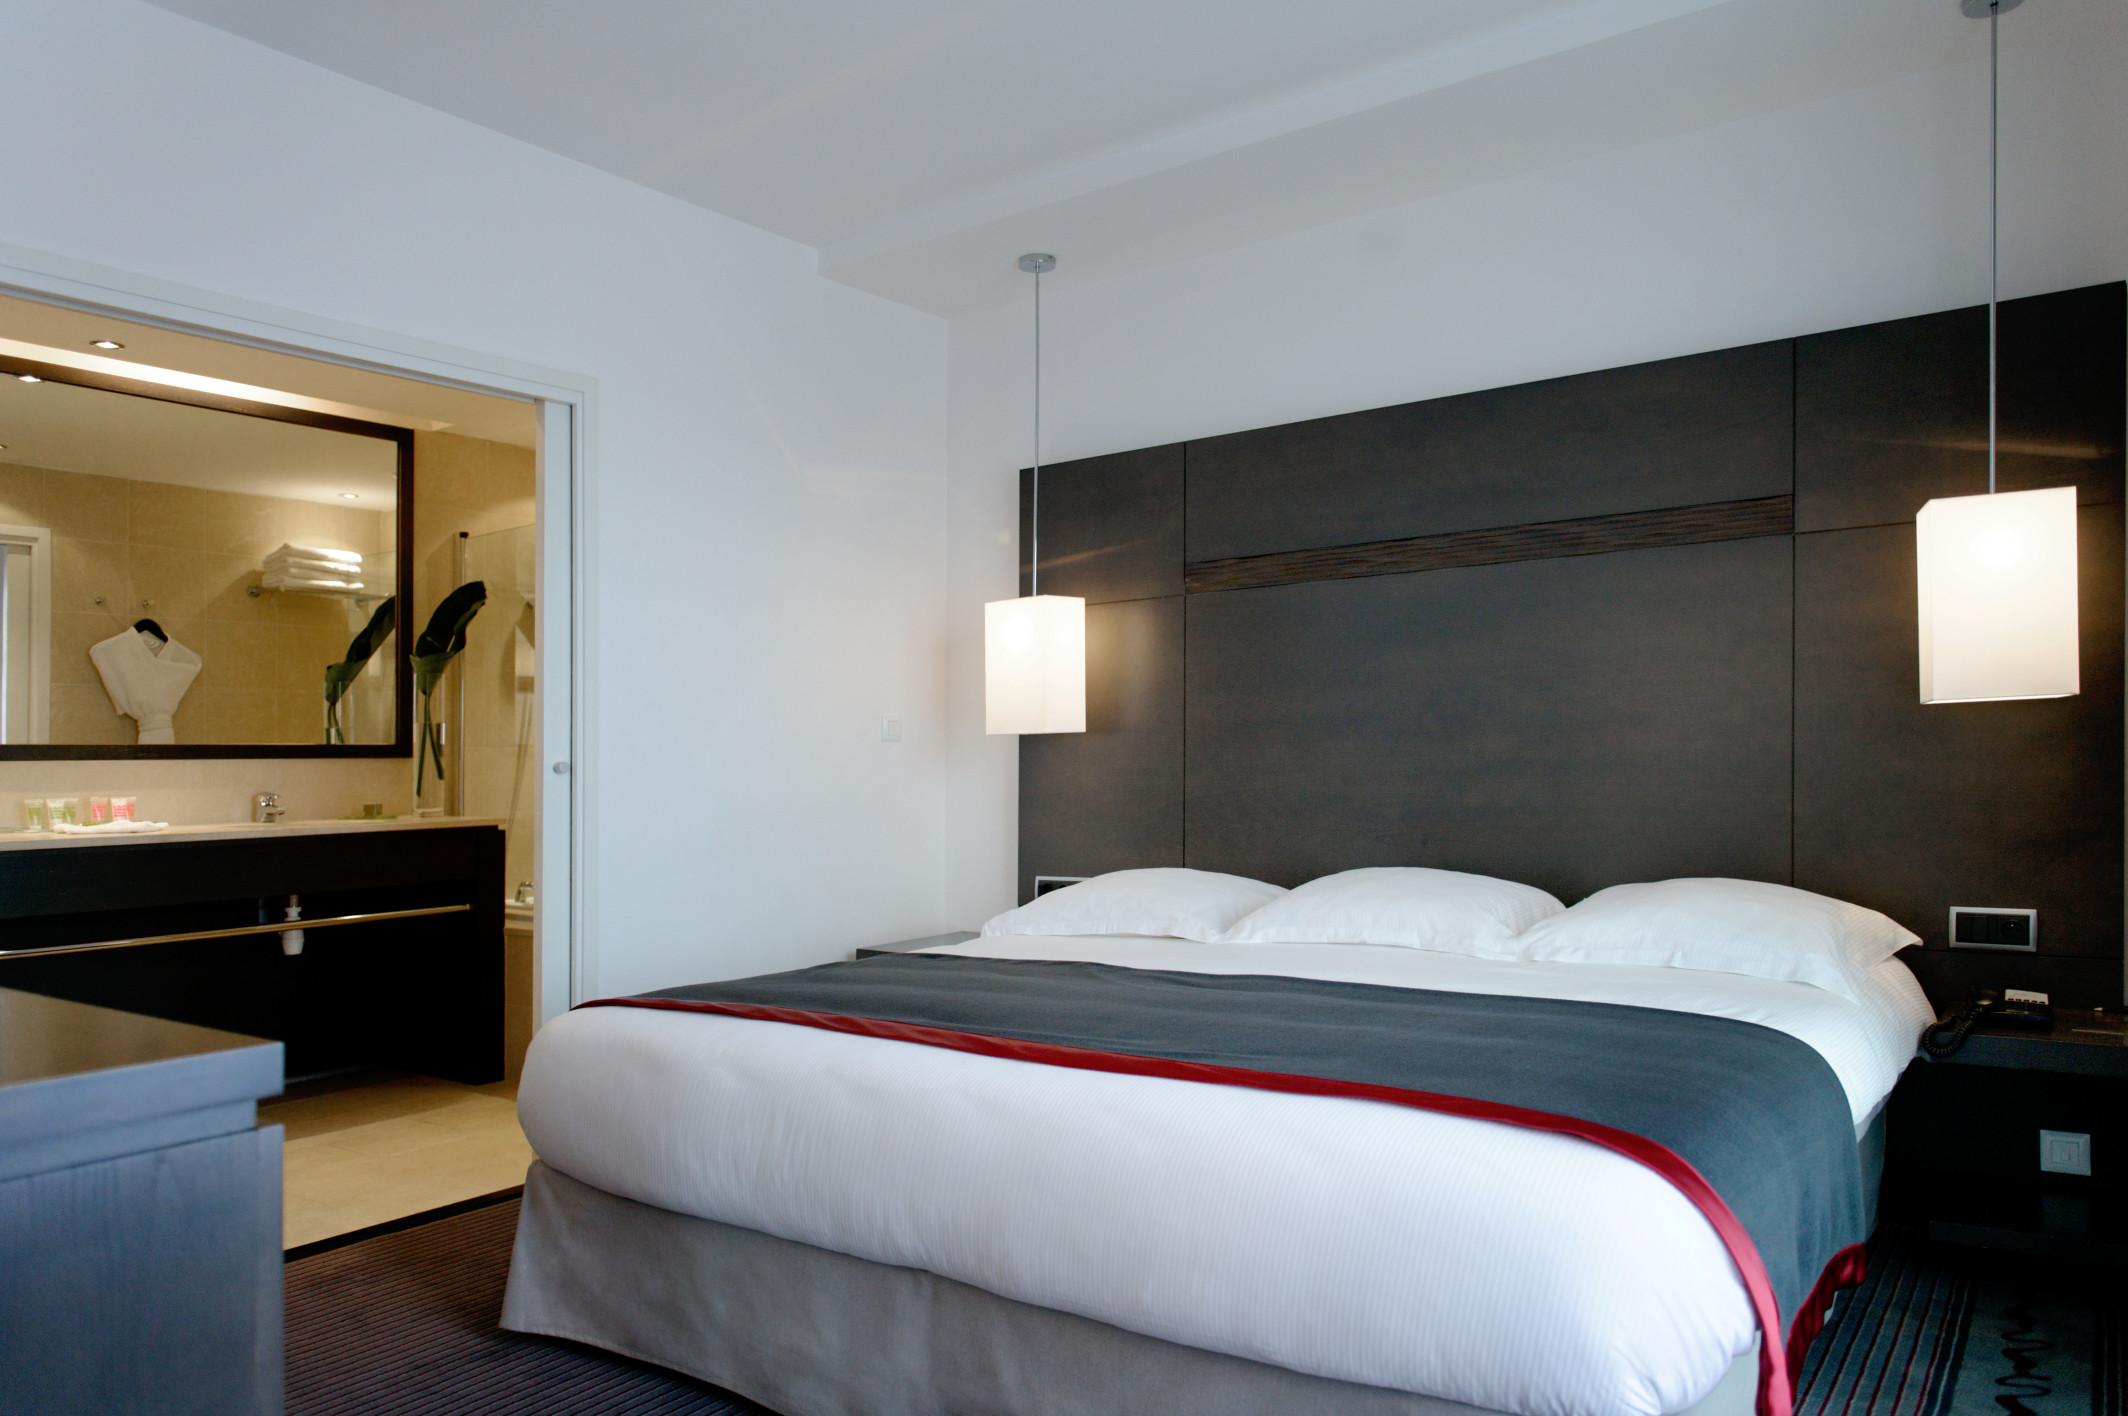 HotelNew Hotel of Marseille